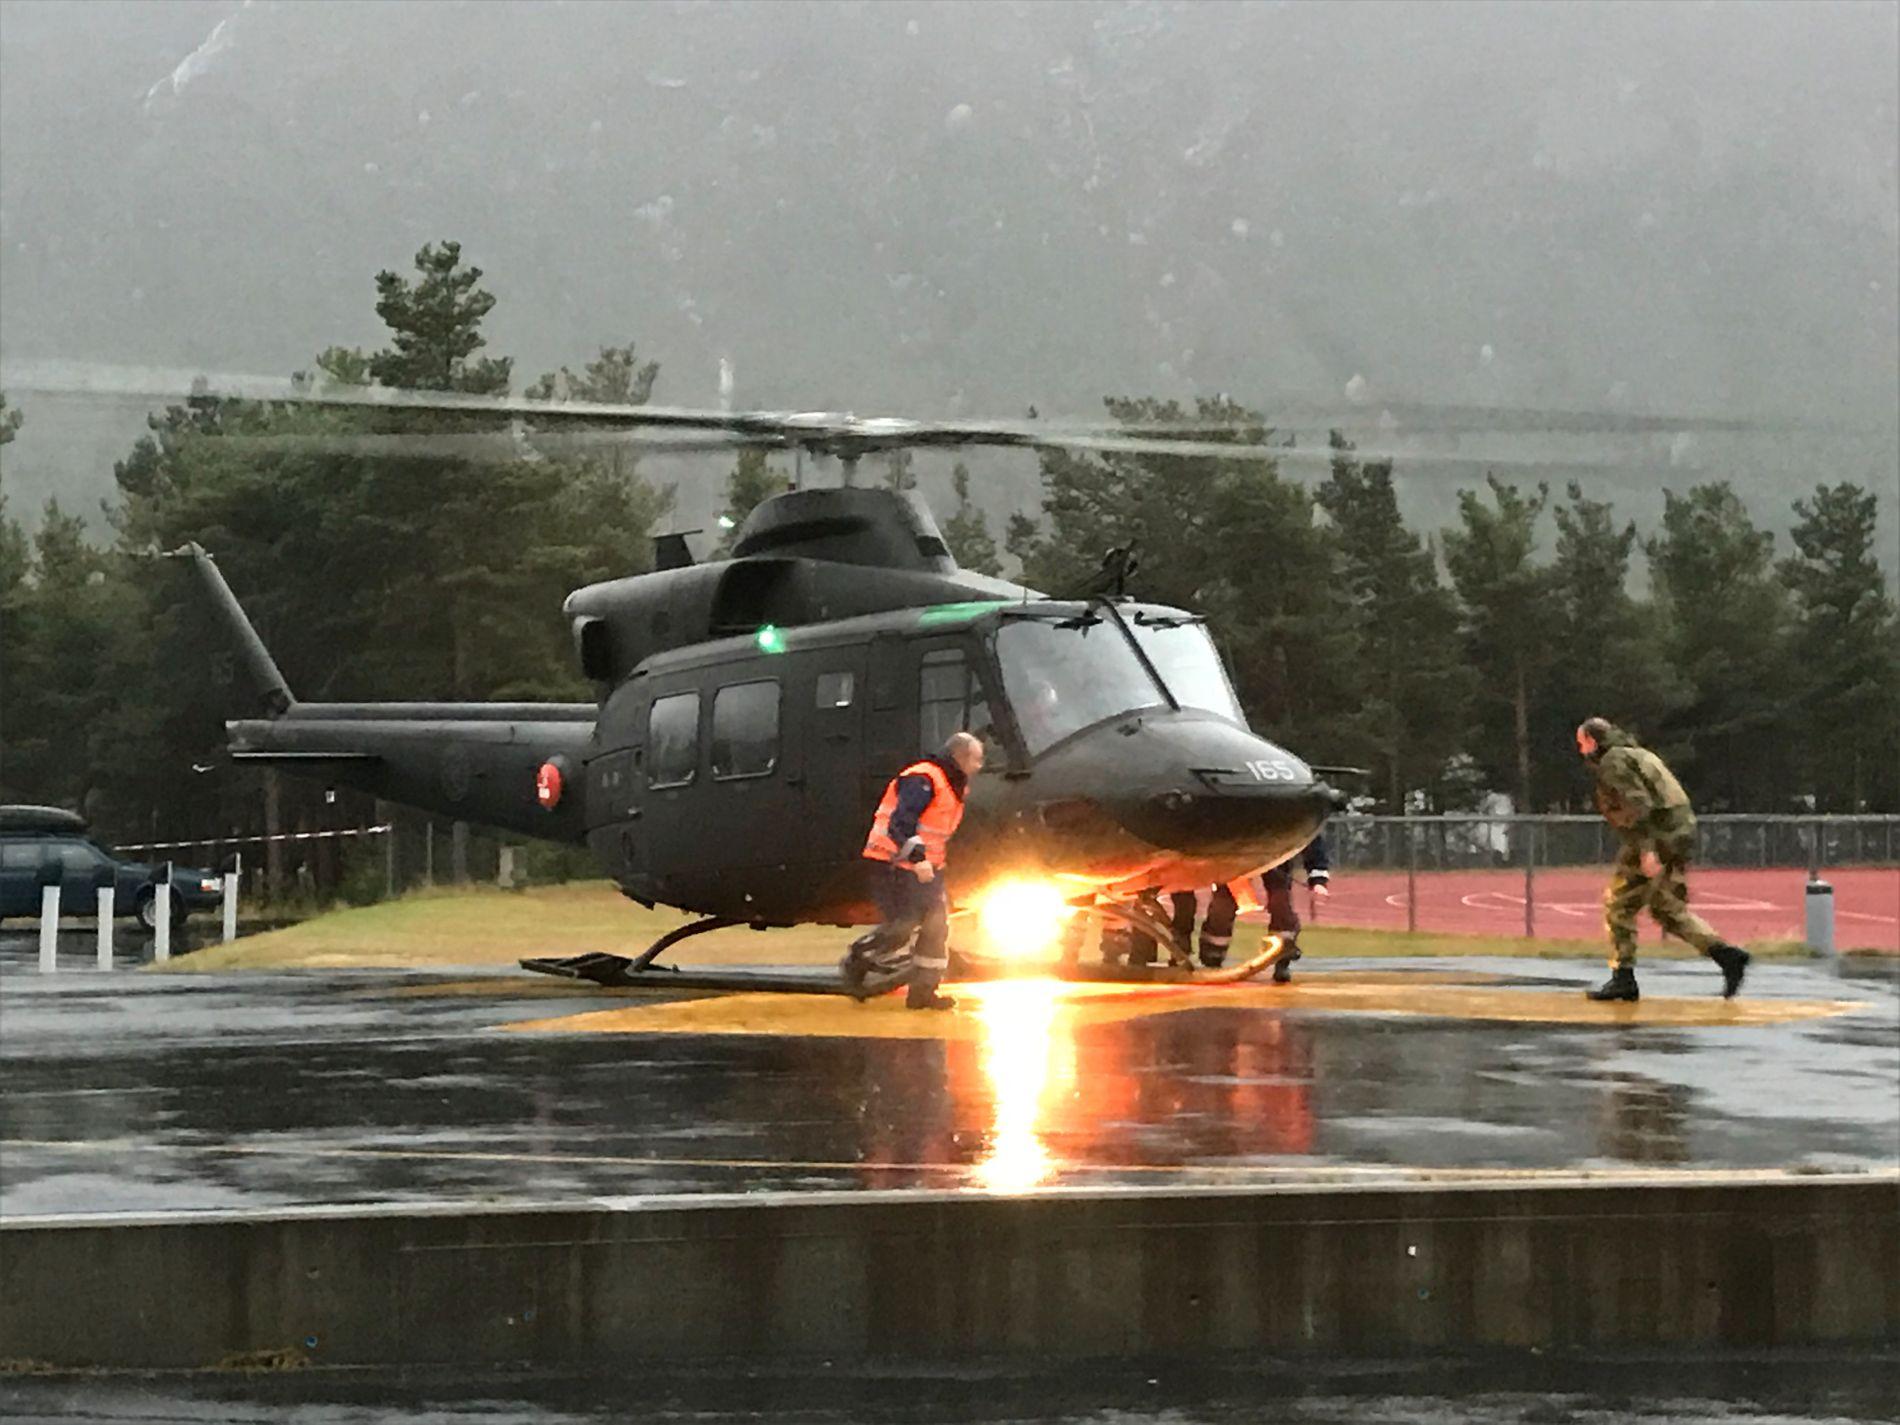 HELIKOPTER-HJELP: Forsvaret har stilt opp med dette Bell-helikopteret under evakueringen av befolkningen i Sjåk søndag.